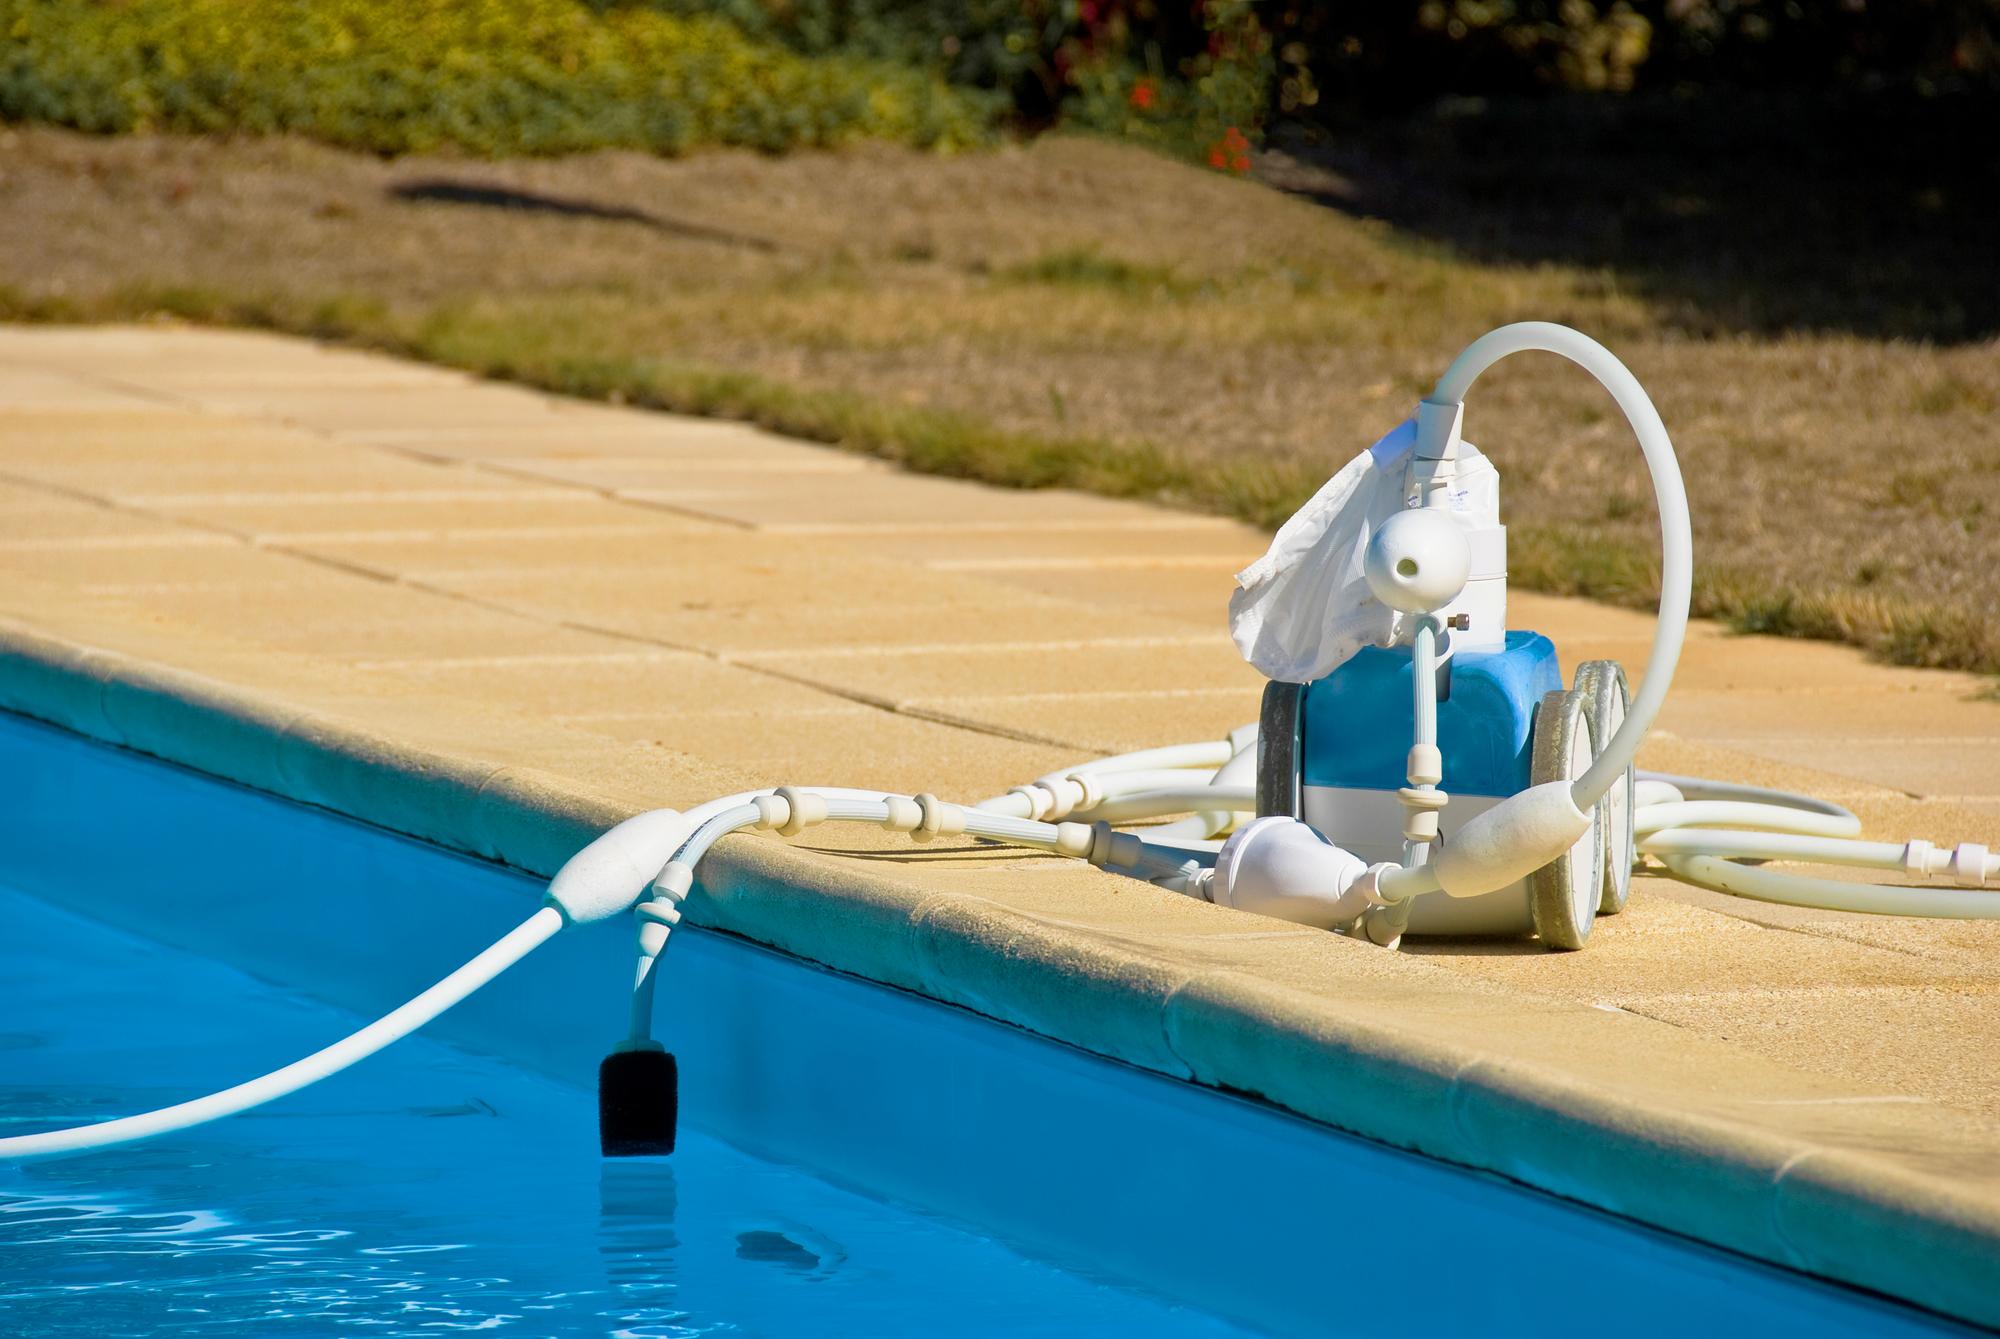 רובוט לבריכה